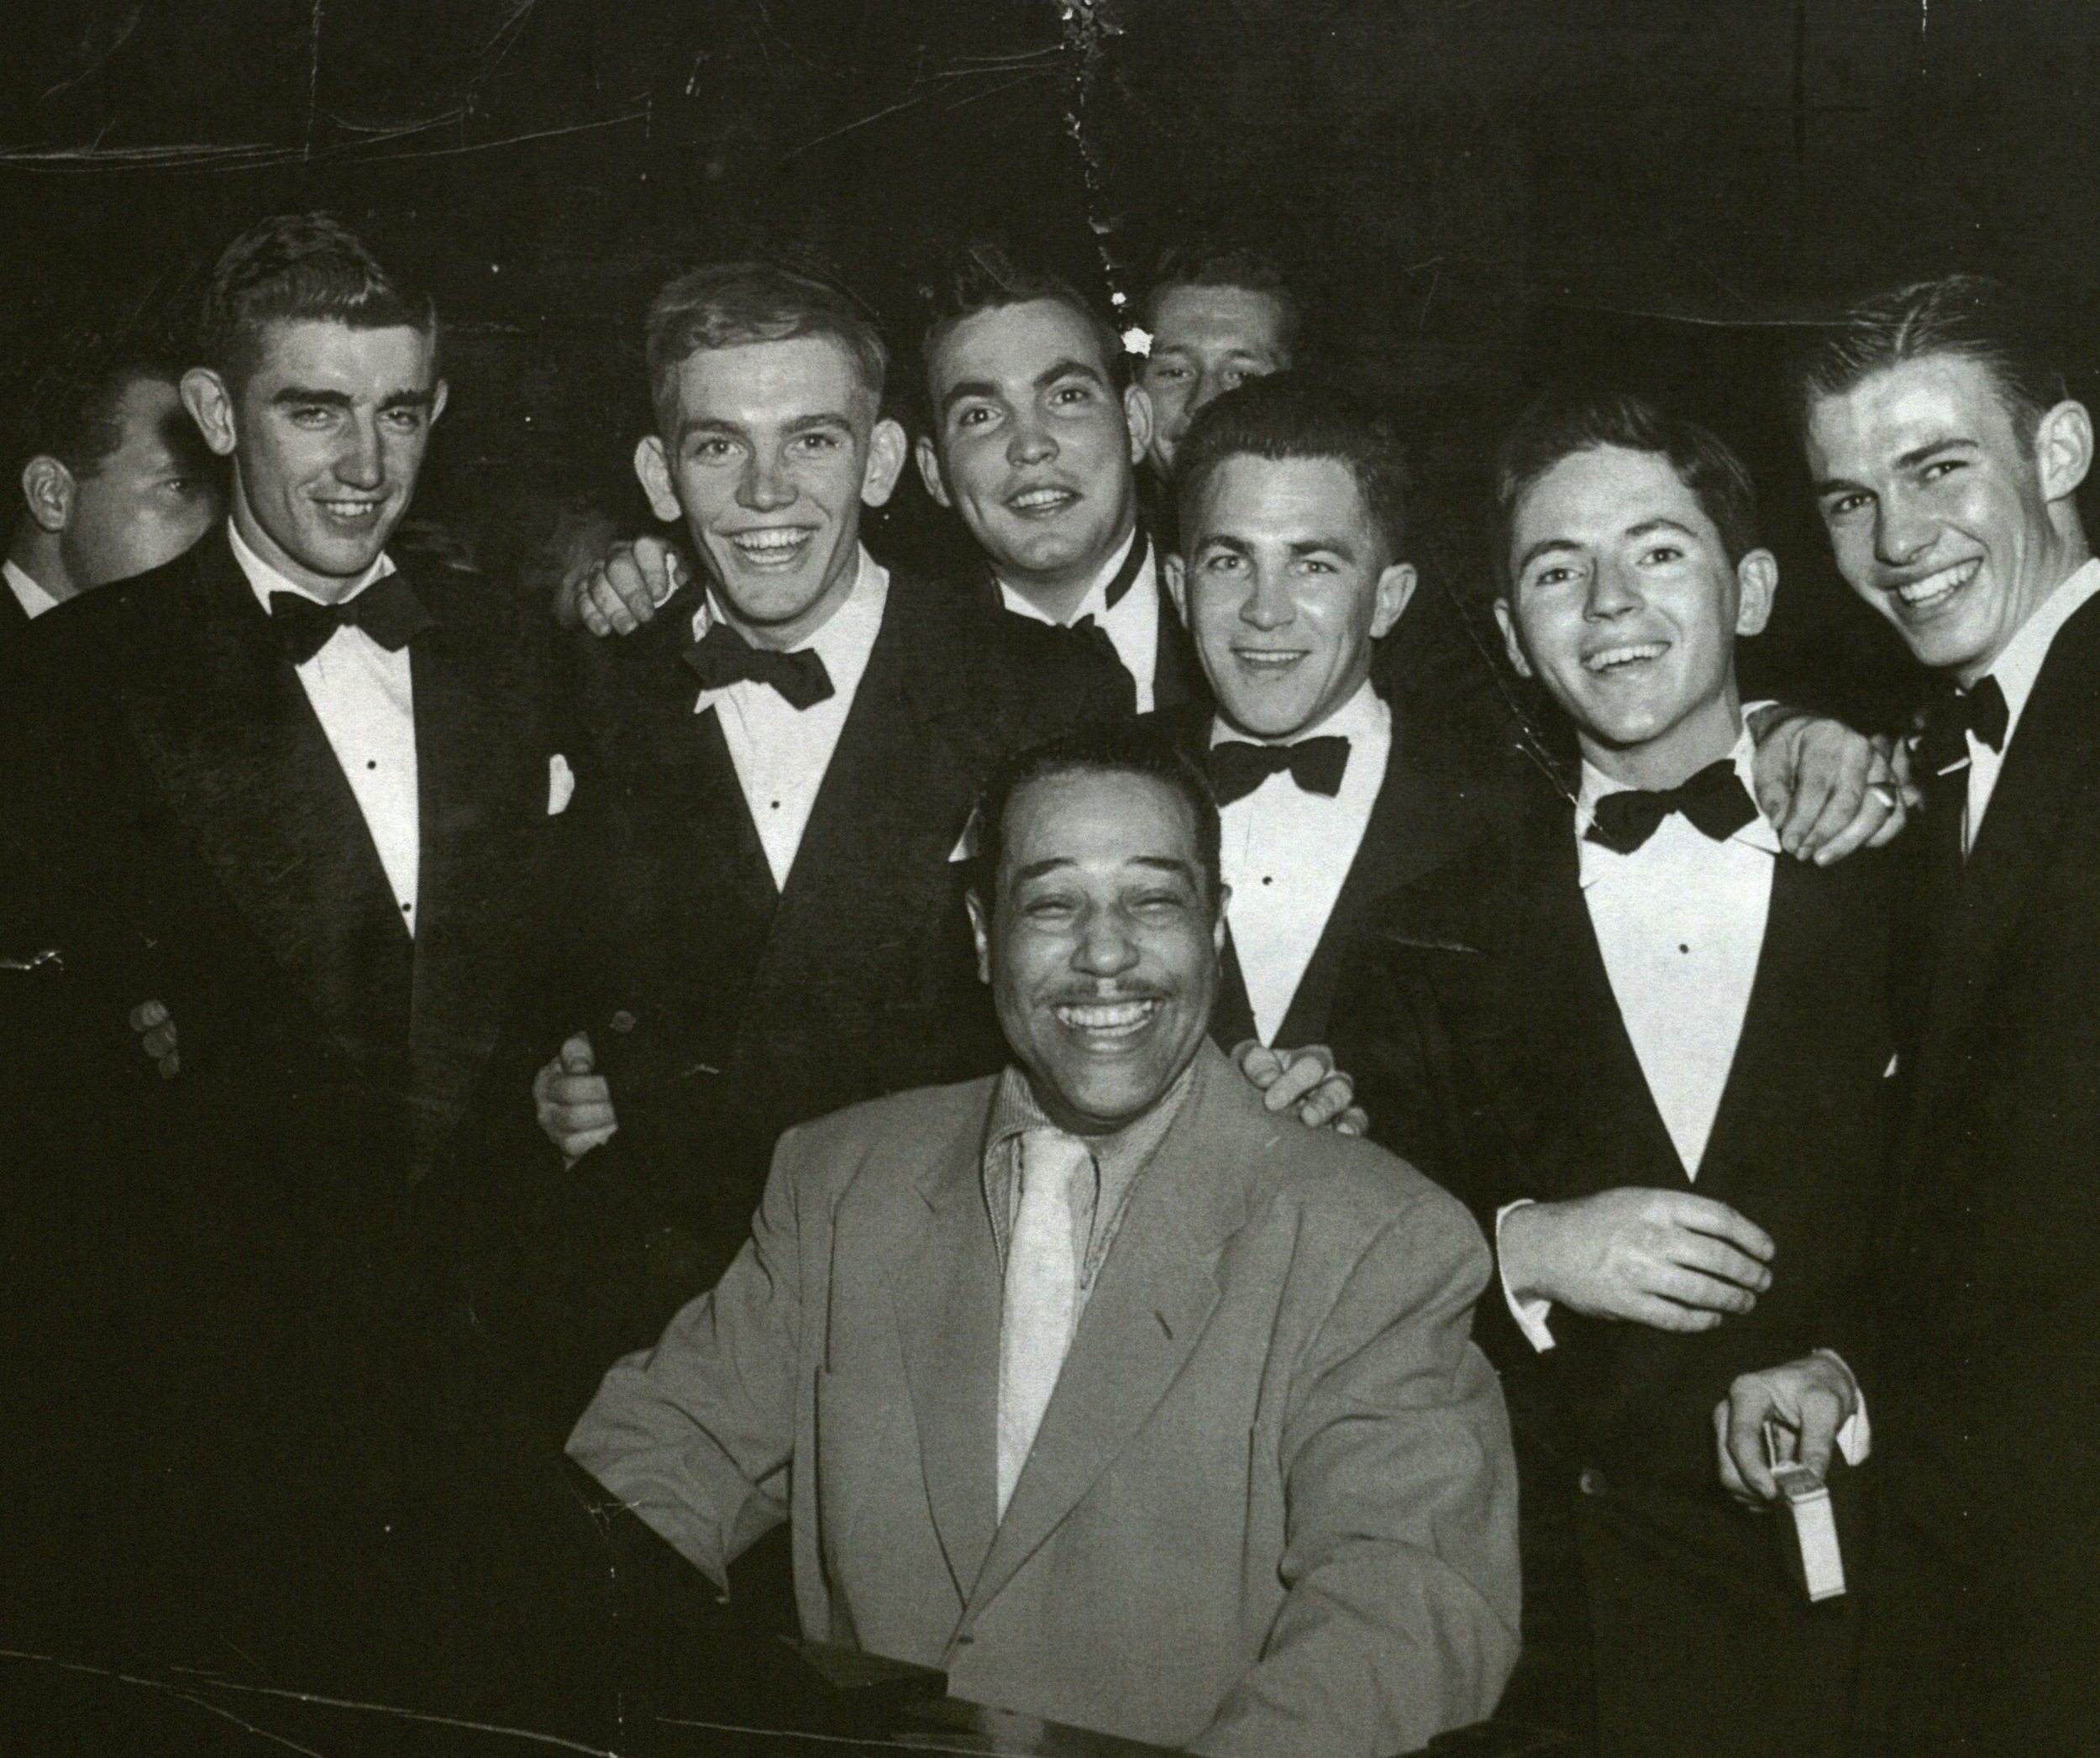 Turkey Pull with Duke Ellington (1940s)